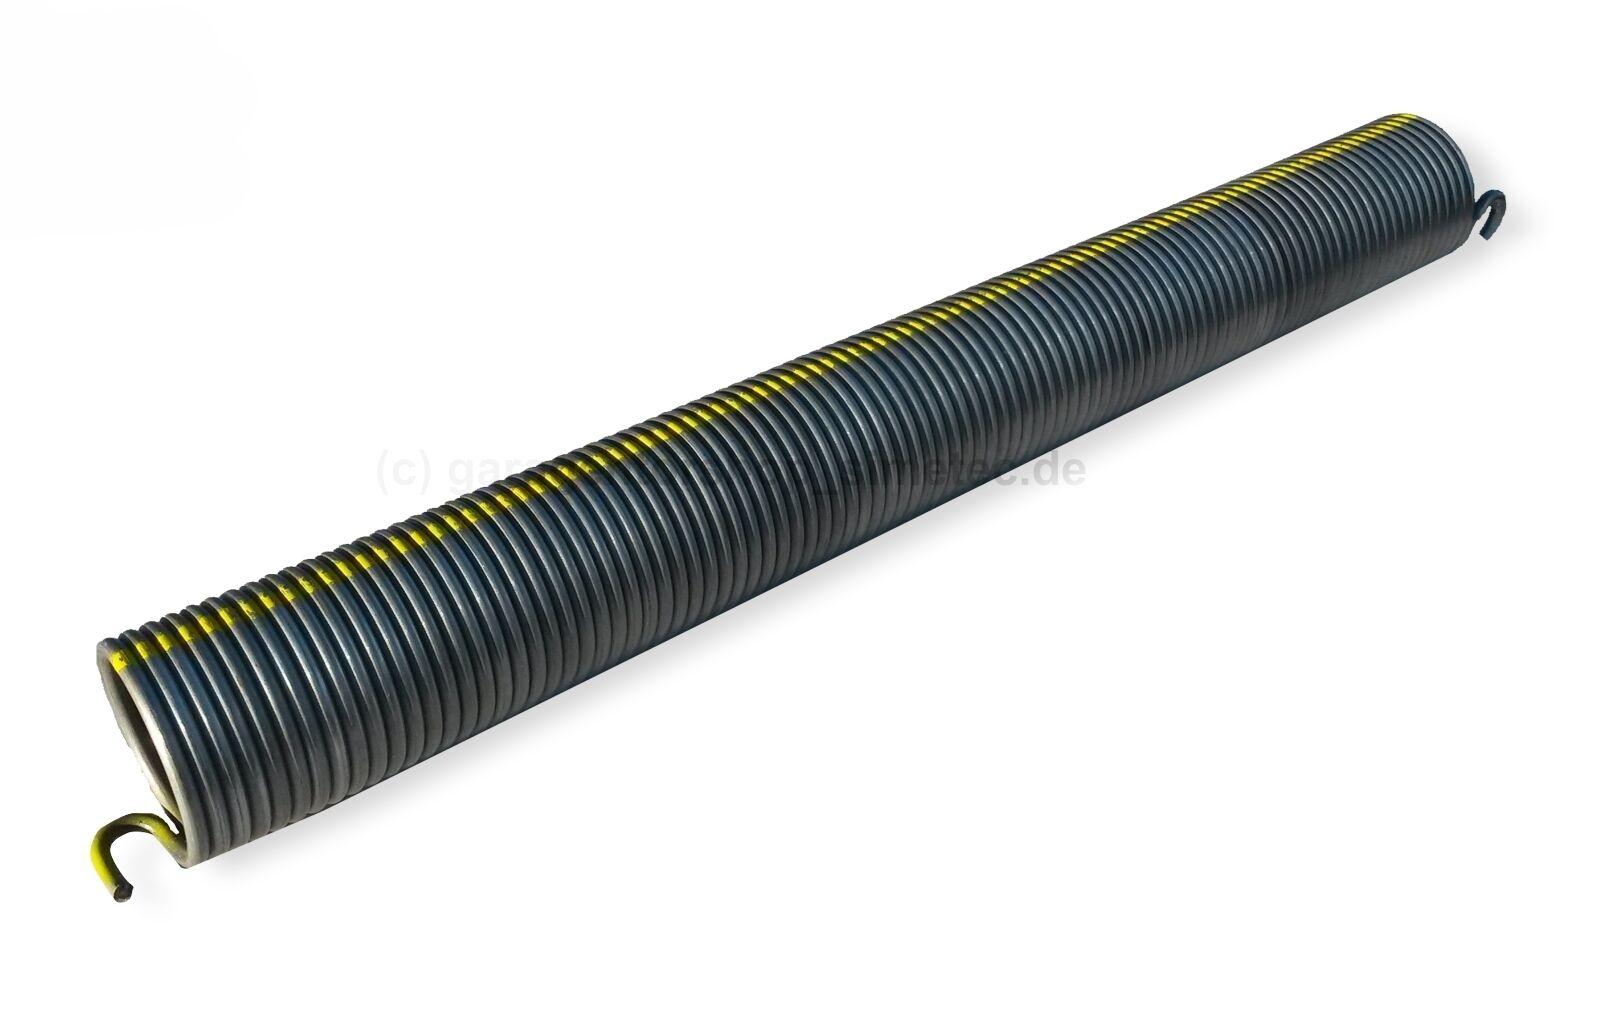 Torsionsfeder kompatibel zu Hörmann ersetzt L725   L36 Garagentorfeder Torfeder